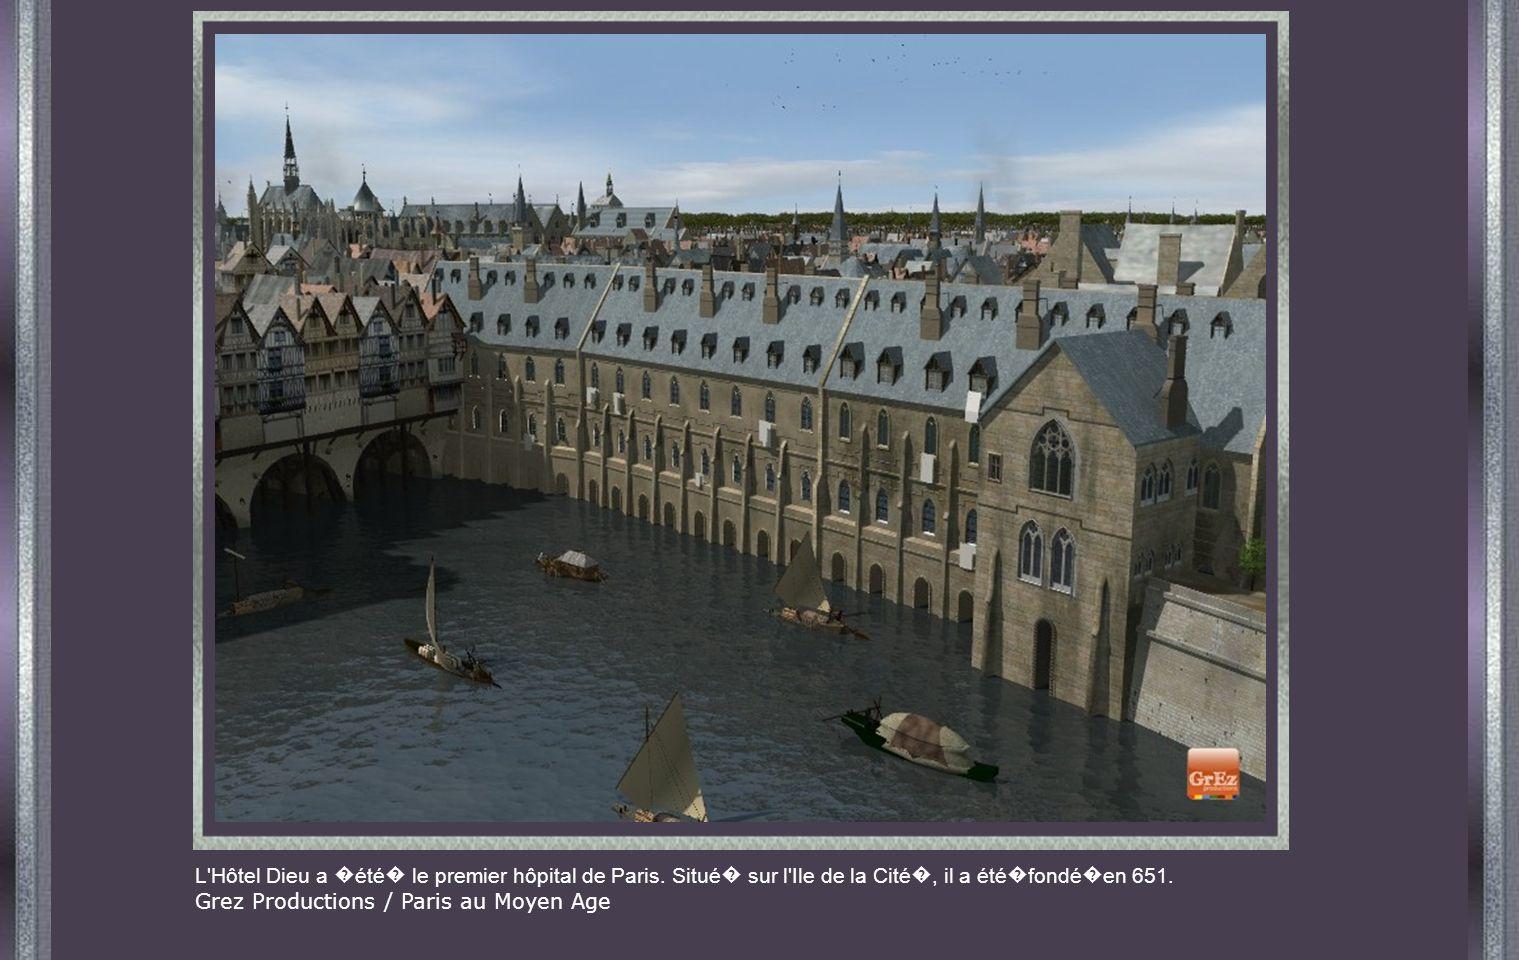 L Hôtel Dieu a �été� le premier hôpital de Paris